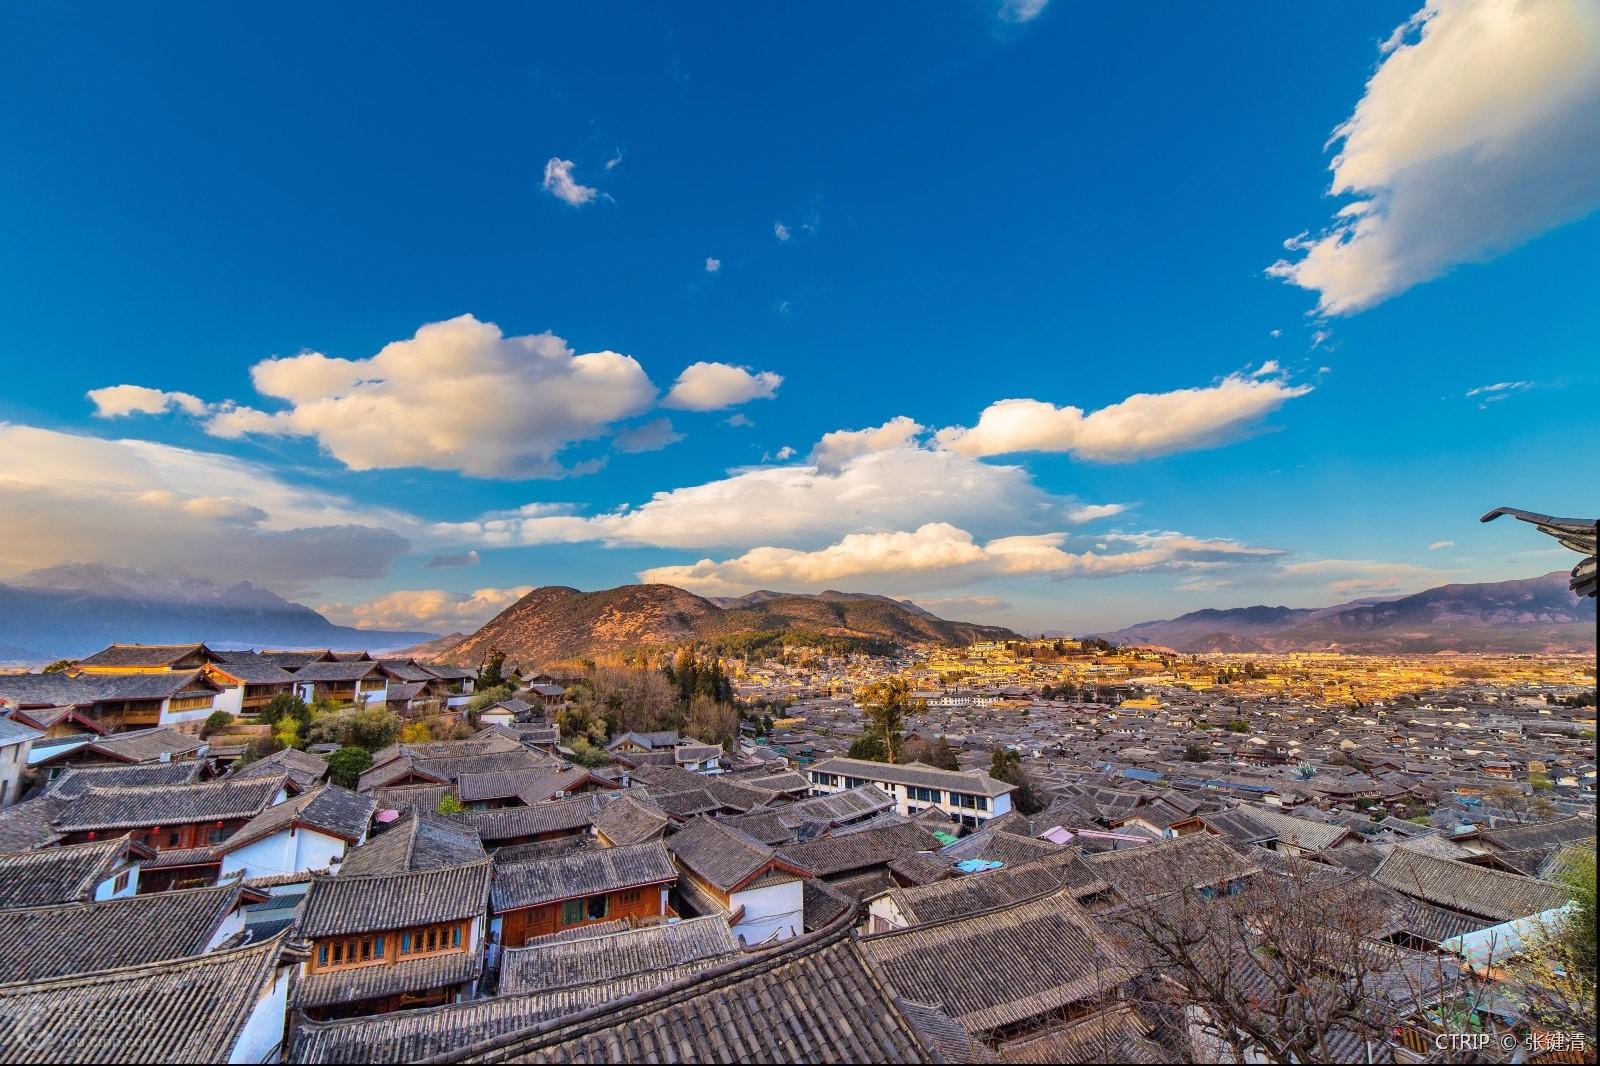 去云南旅游哪些景點必去?_百度知道